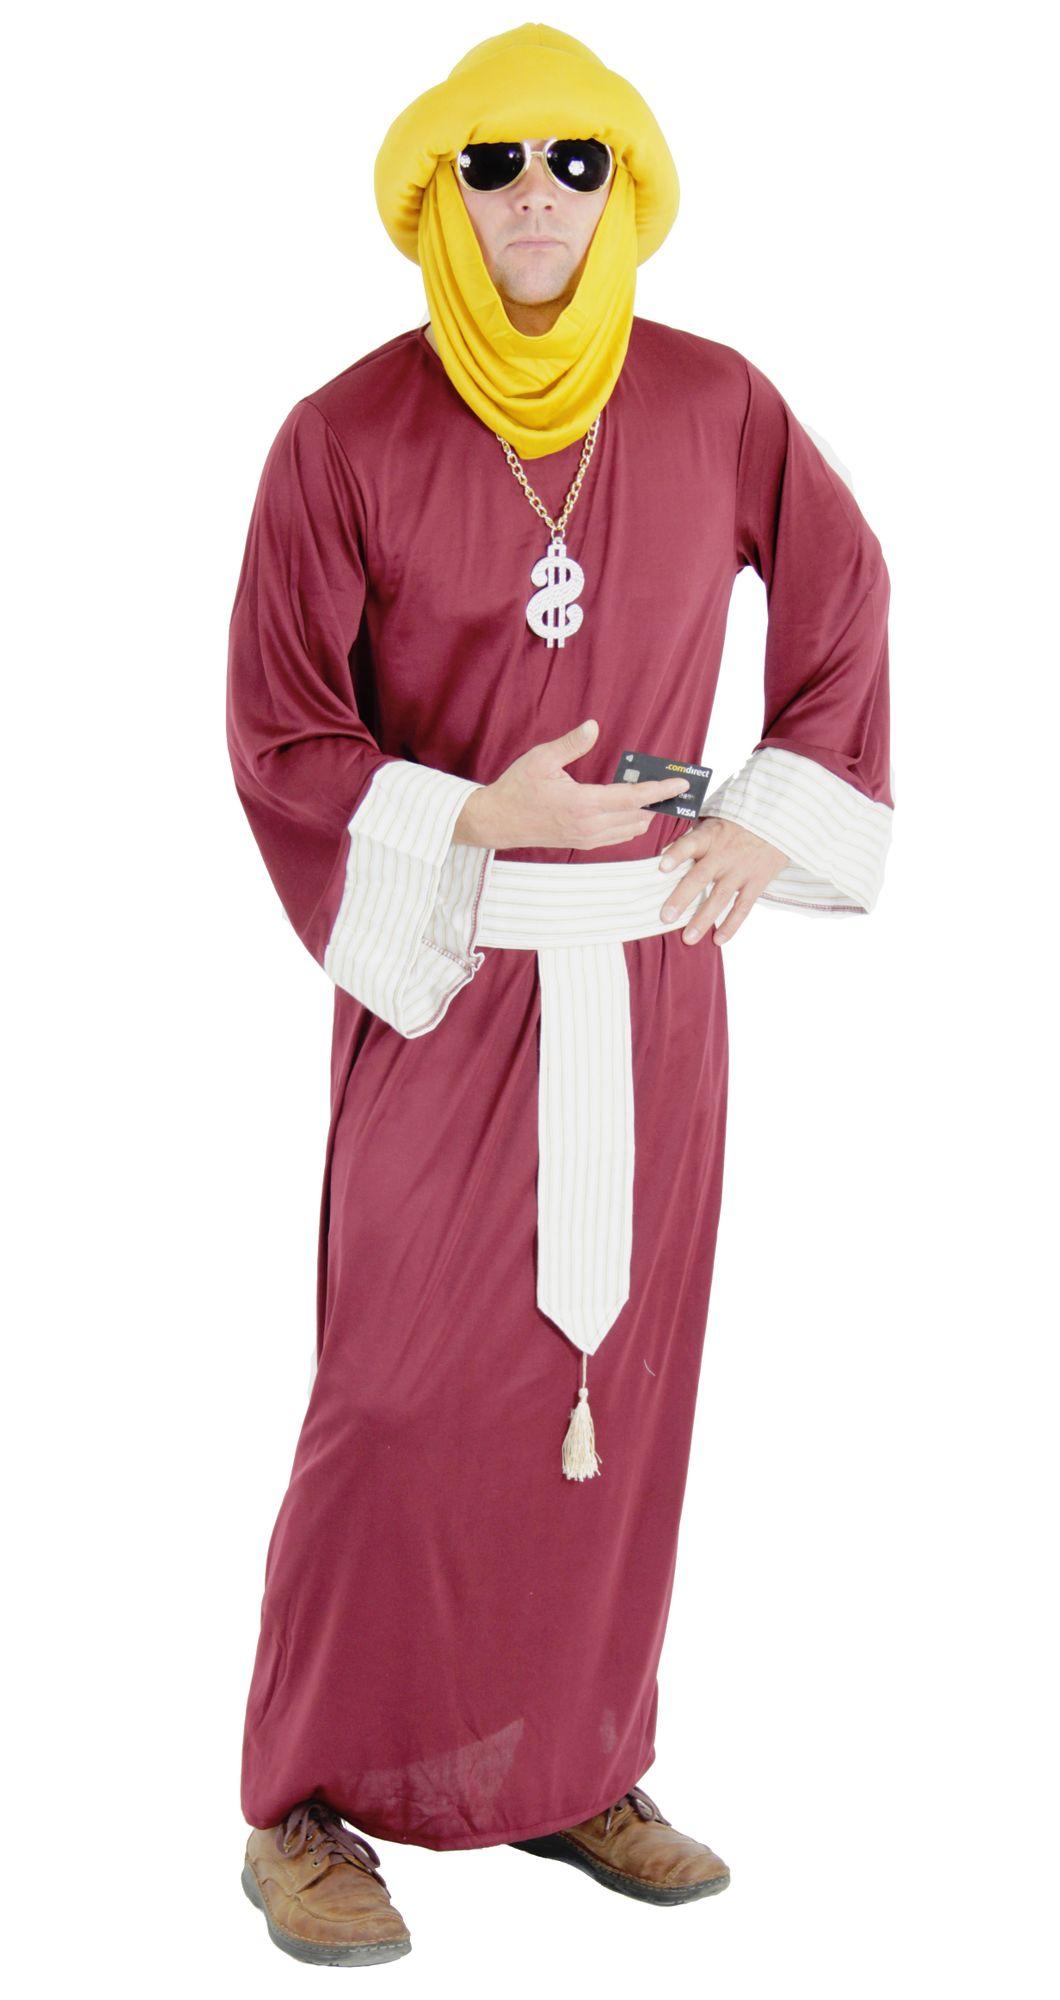 deluxe berber araber scheich kost m m xxxl bis 198 cm kost m online shop kost me per cken. Black Bedroom Furniture Sets. Home Design Ideas